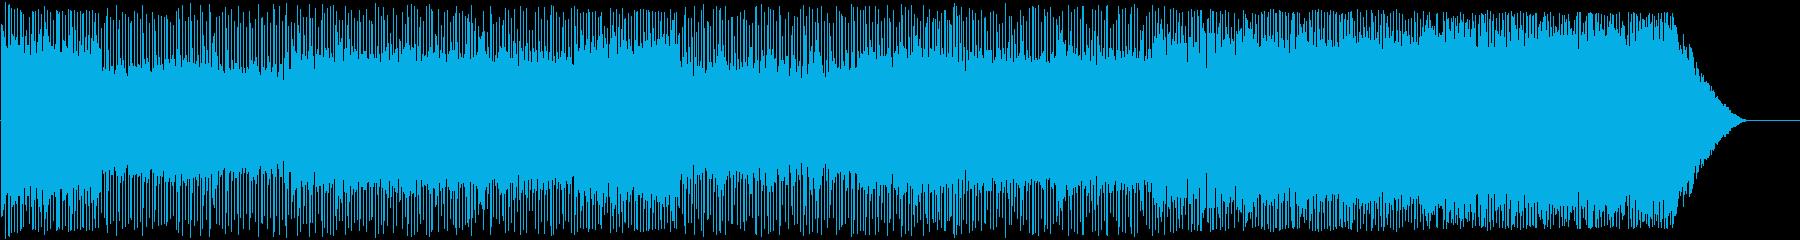 ロッキングオルタナティブソングはフ...の再生済みの波形